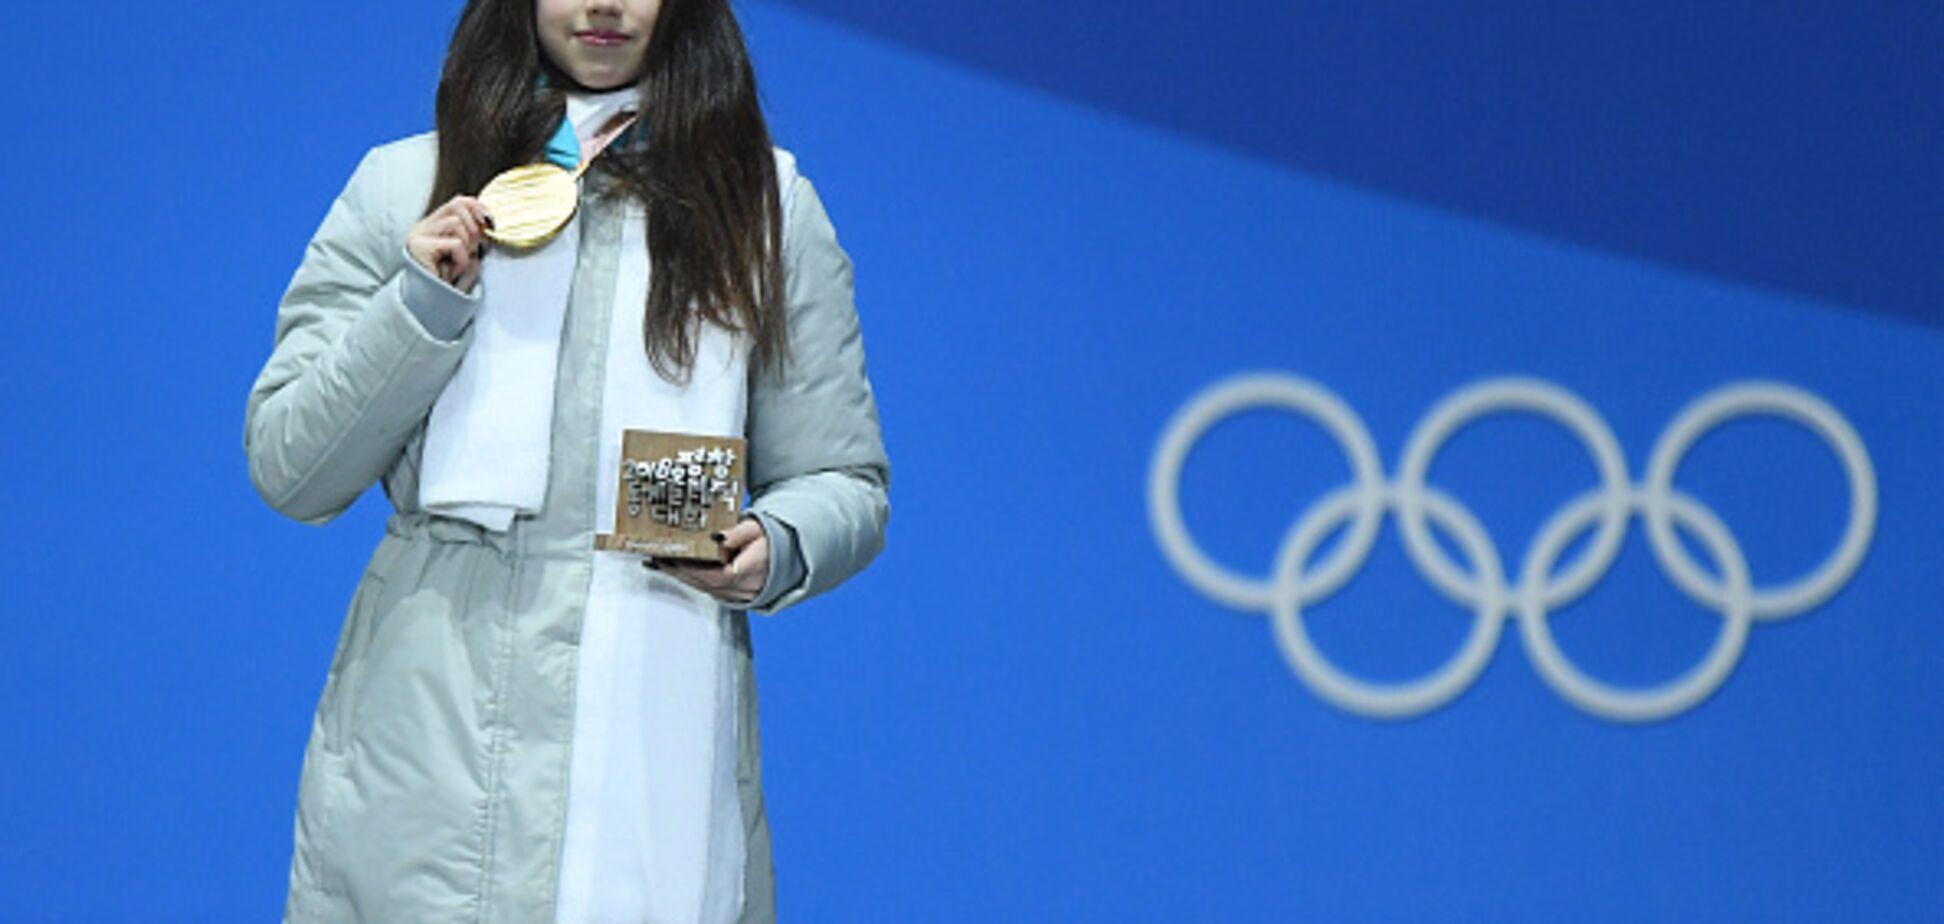 Не сдержалась! Олимпийская чемпионка из России устроила демарш из-за гимна после завоевания 'золота' в Пхенчхане